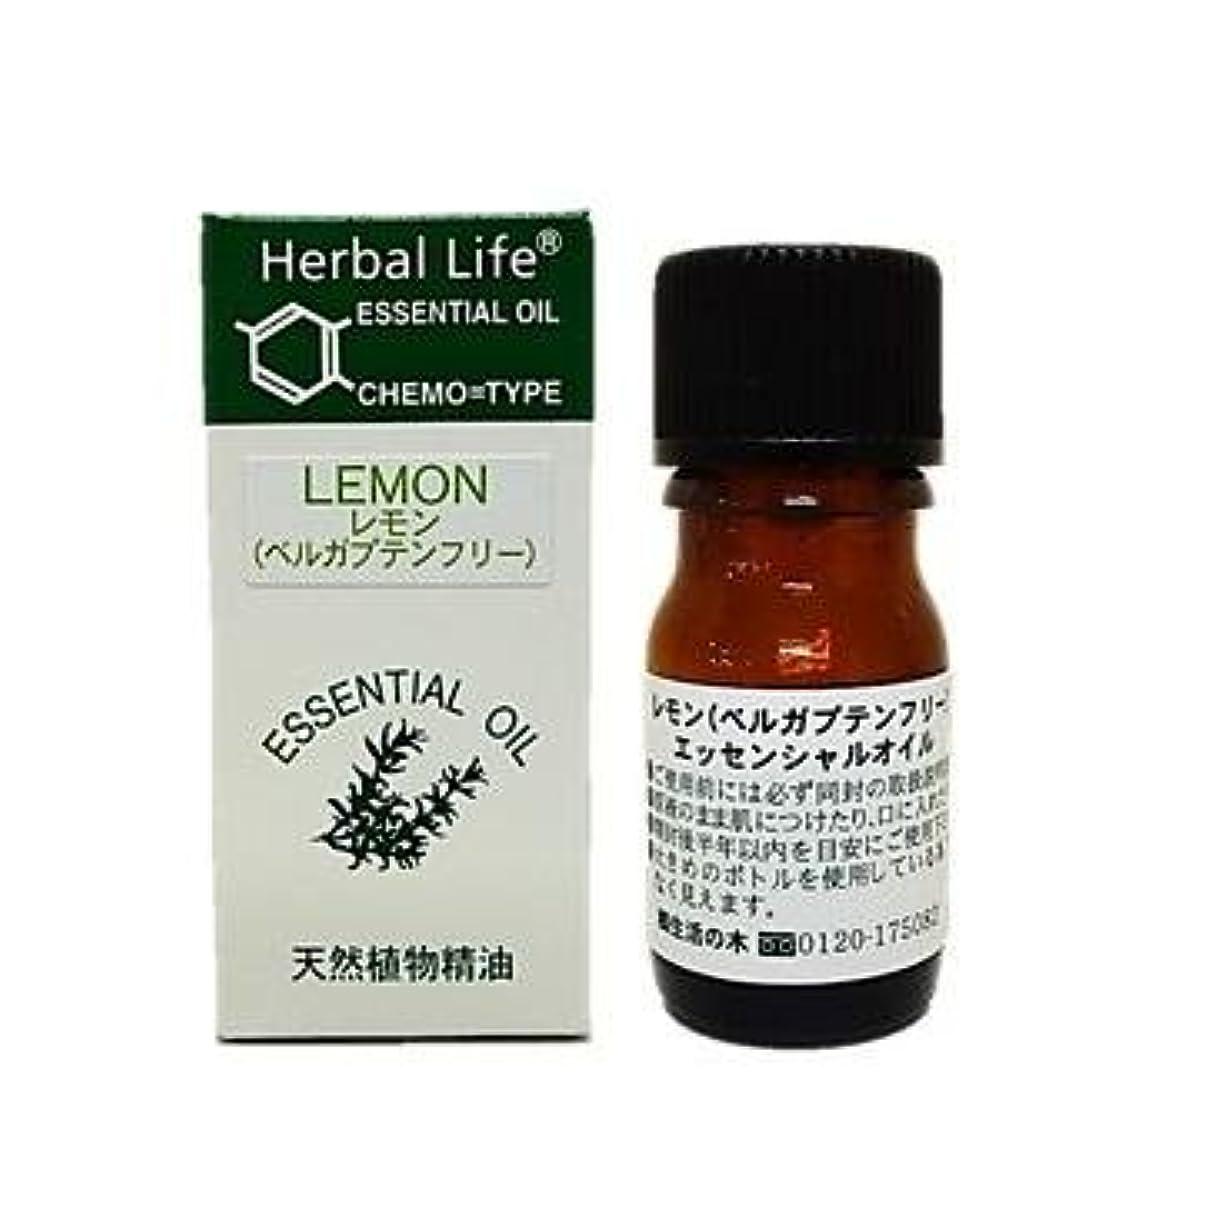 静める友だち気球生活の木 レモン(フロクマリンフリー)3ml エッセンシャルオイル/精油